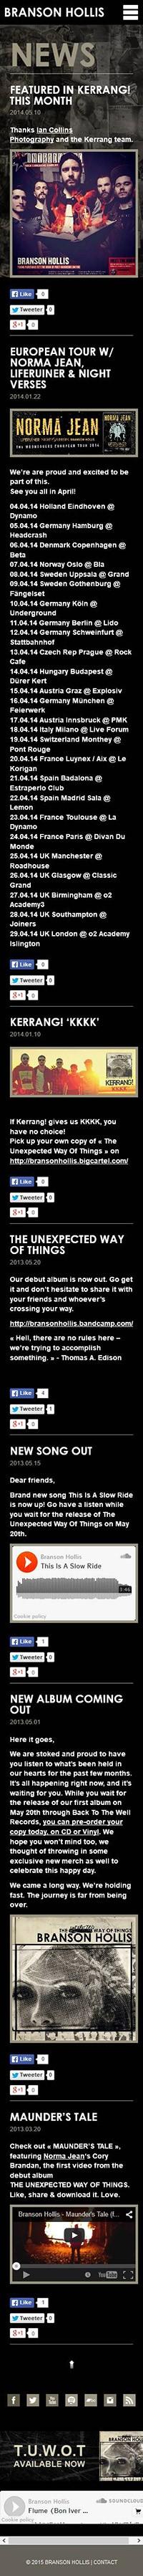 Catpure d'écran mobile du site Branson Hollis